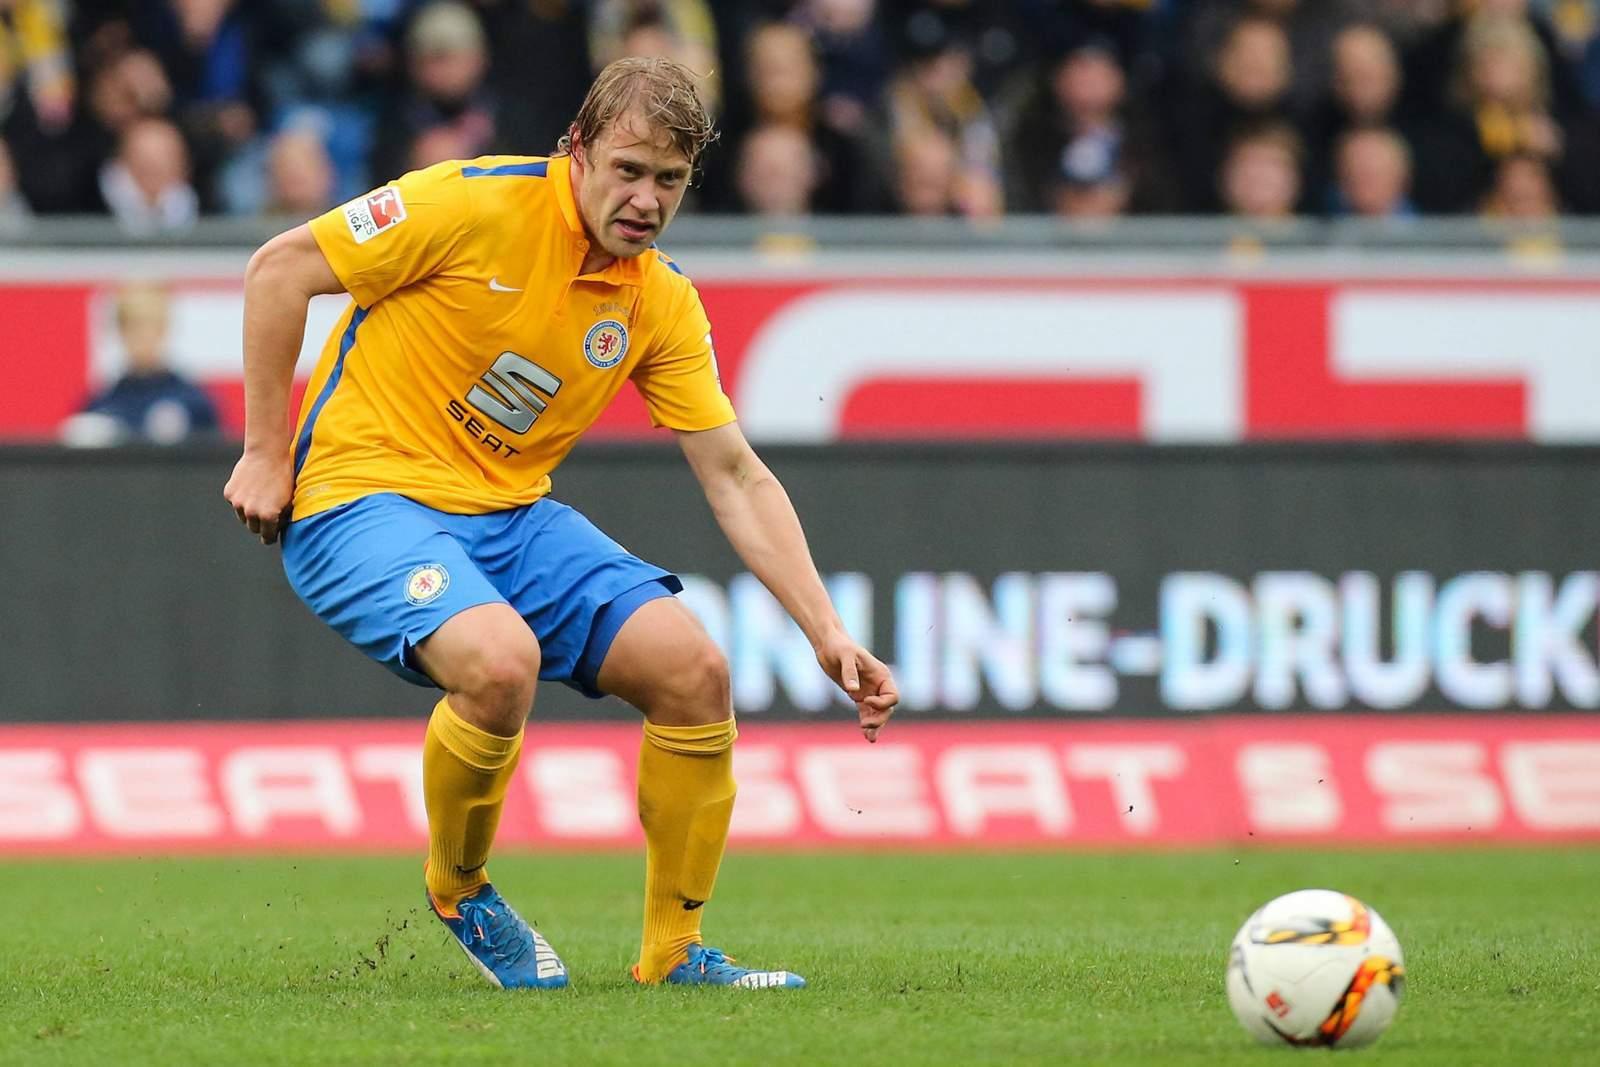 Jan Hochscheidt von Eintracht Braunschweig.